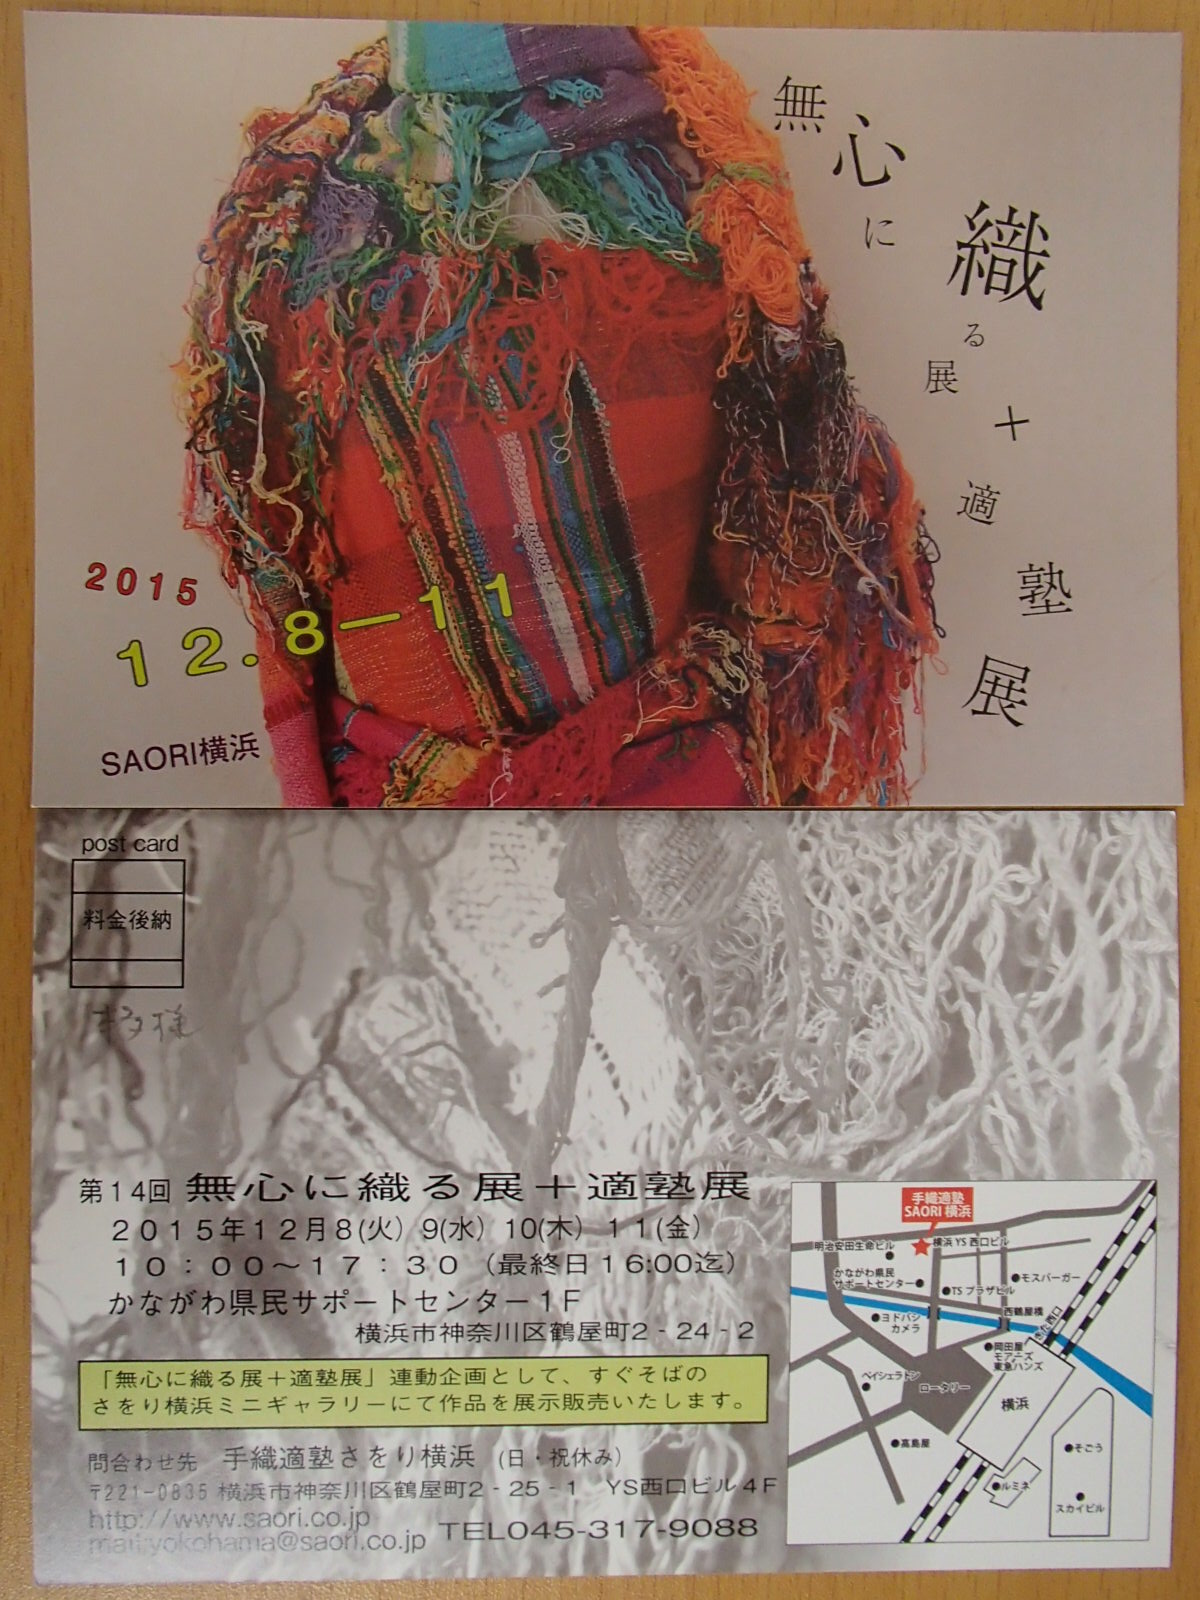 無心に織る展 001.JPG